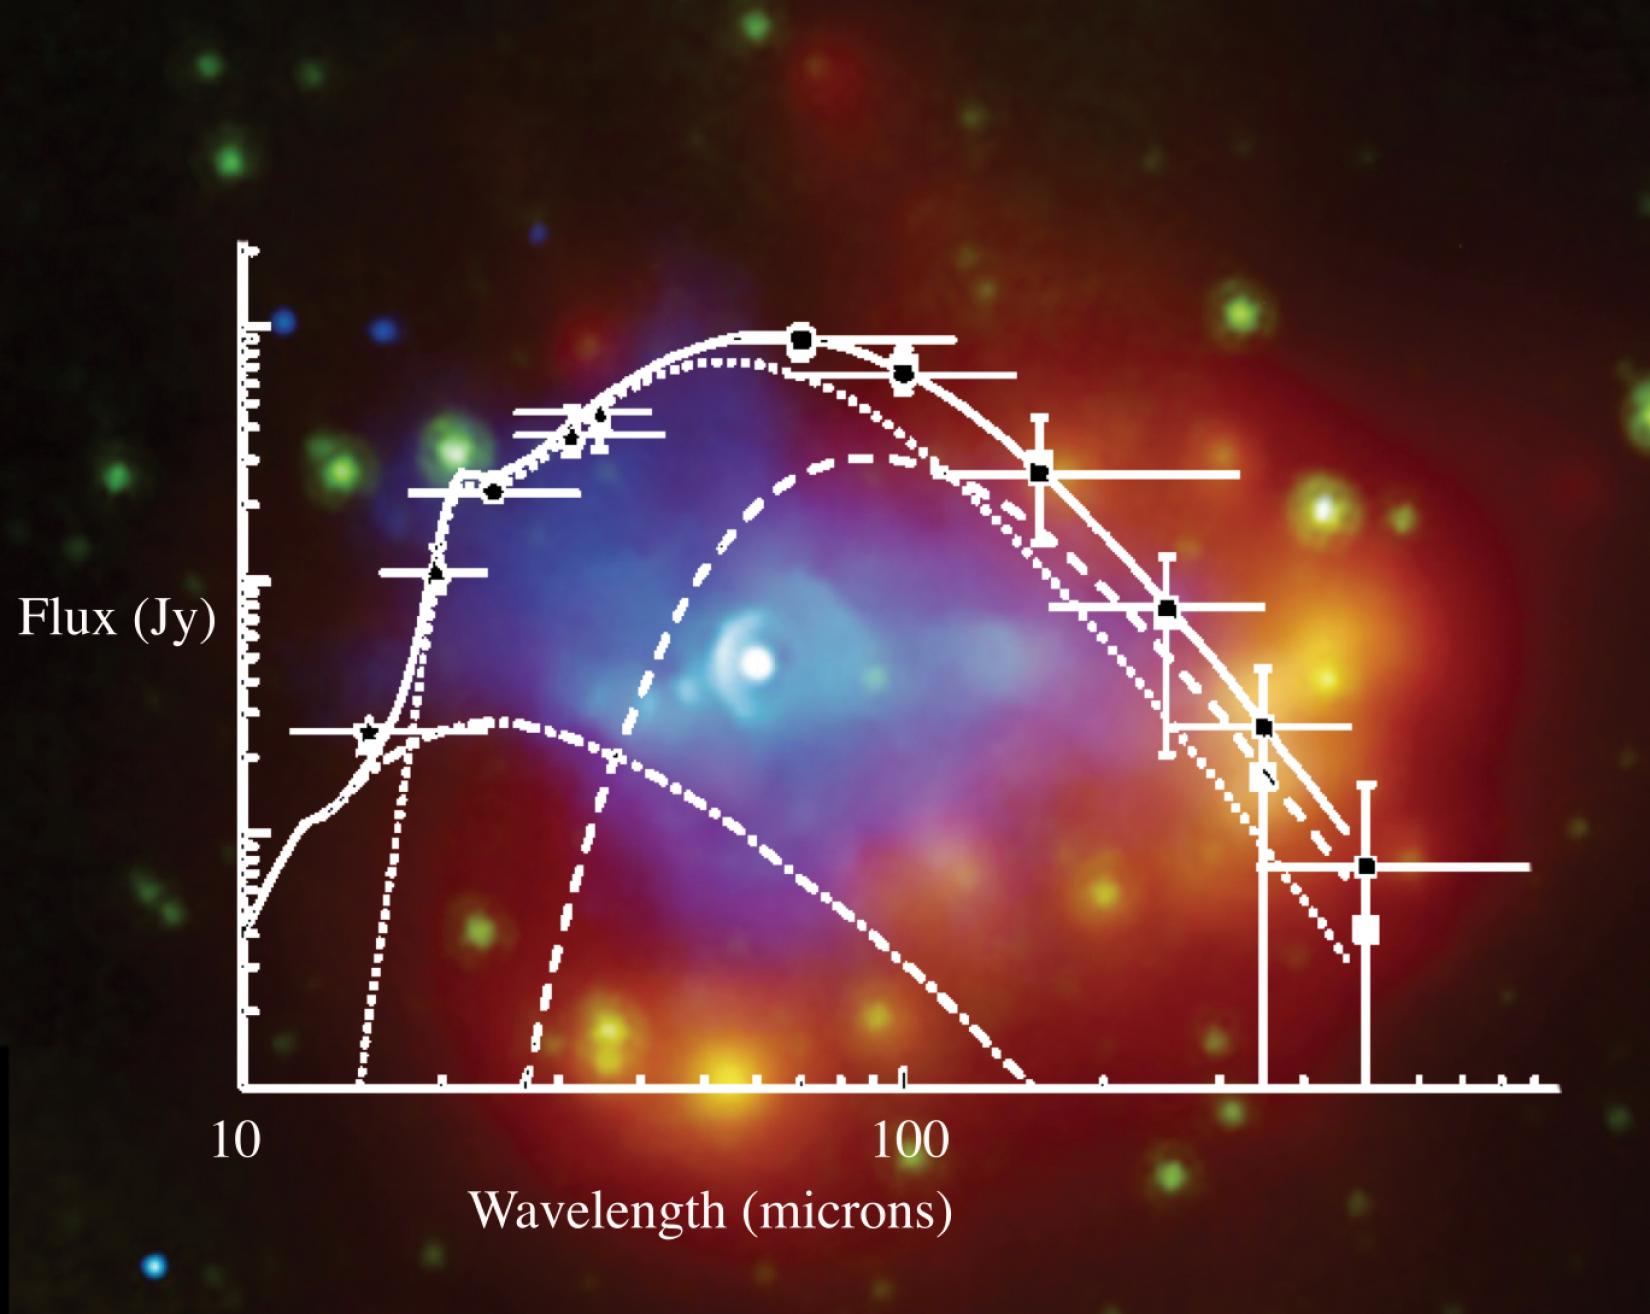 supernova remnant G54.1+0.3